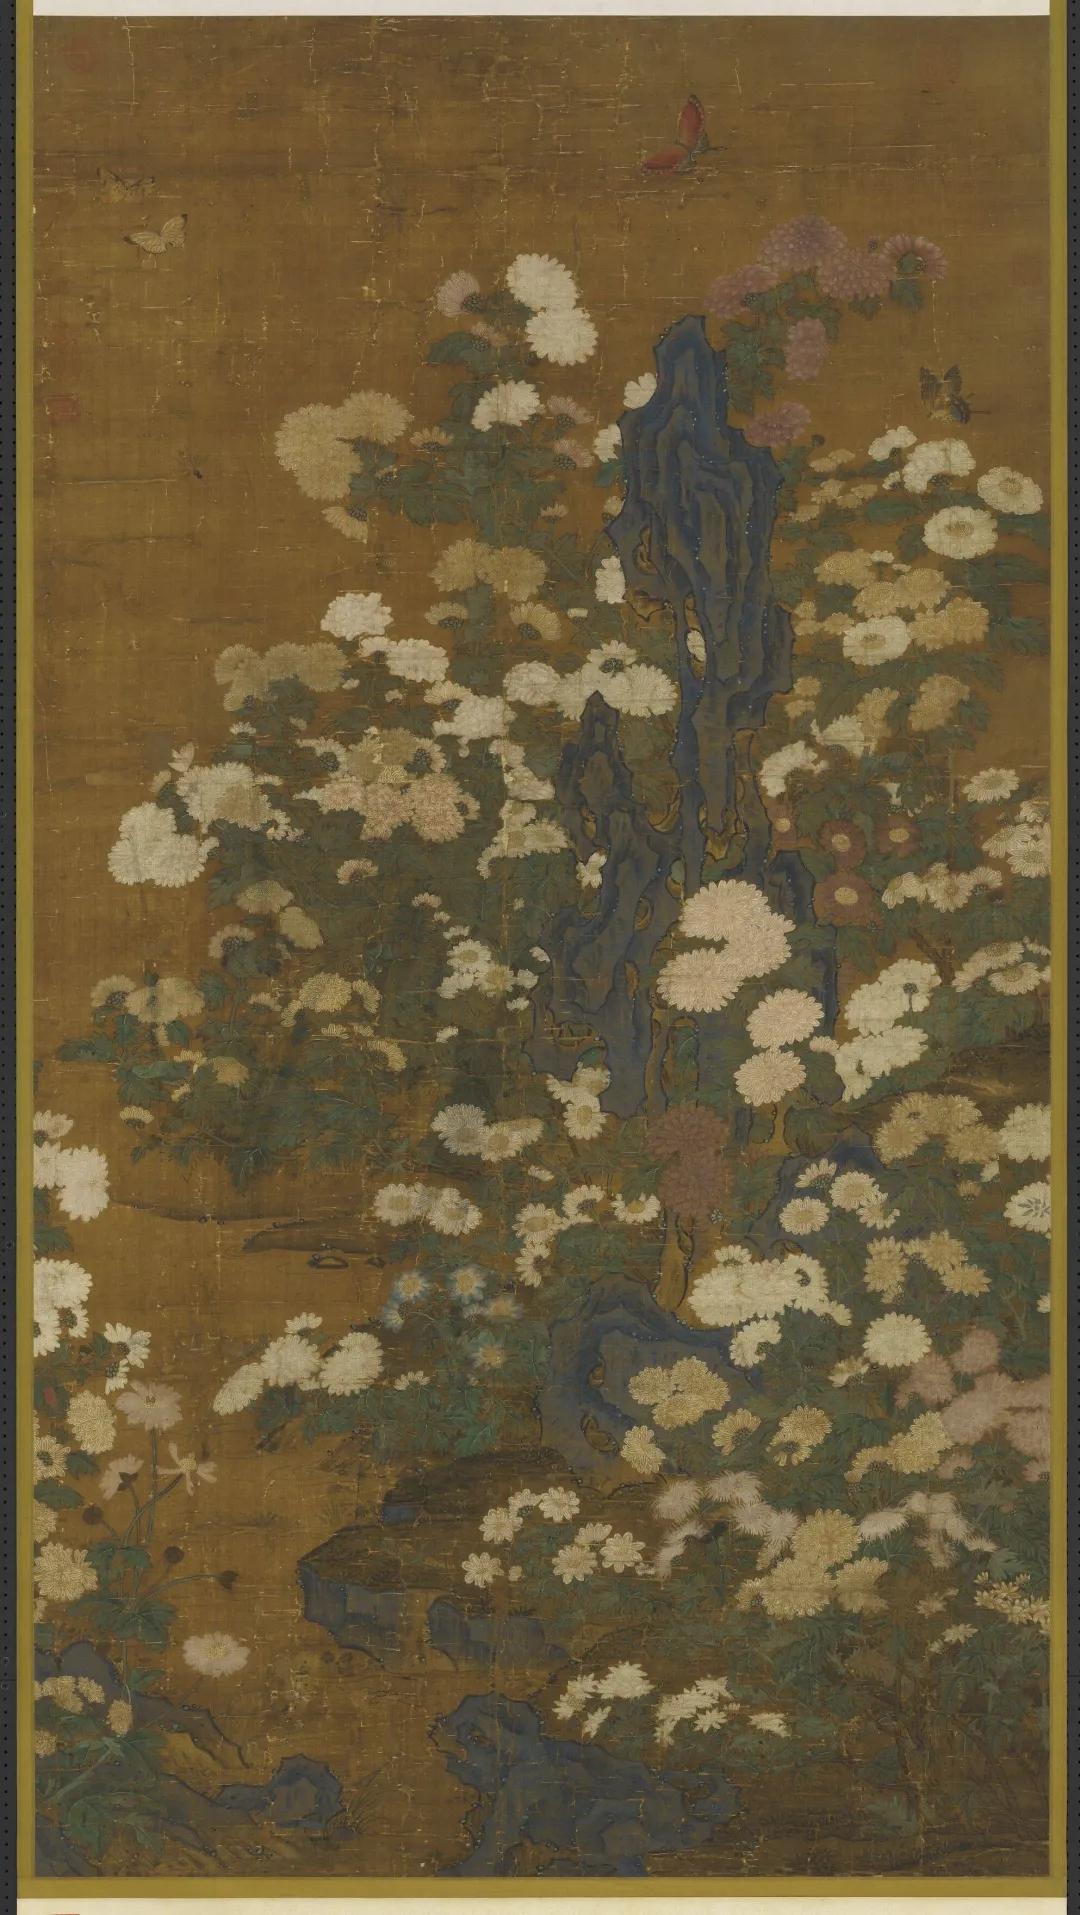 元 佚名 丛菊图 139.8×76.3cm 绢本设色 台北故宫博物院藏